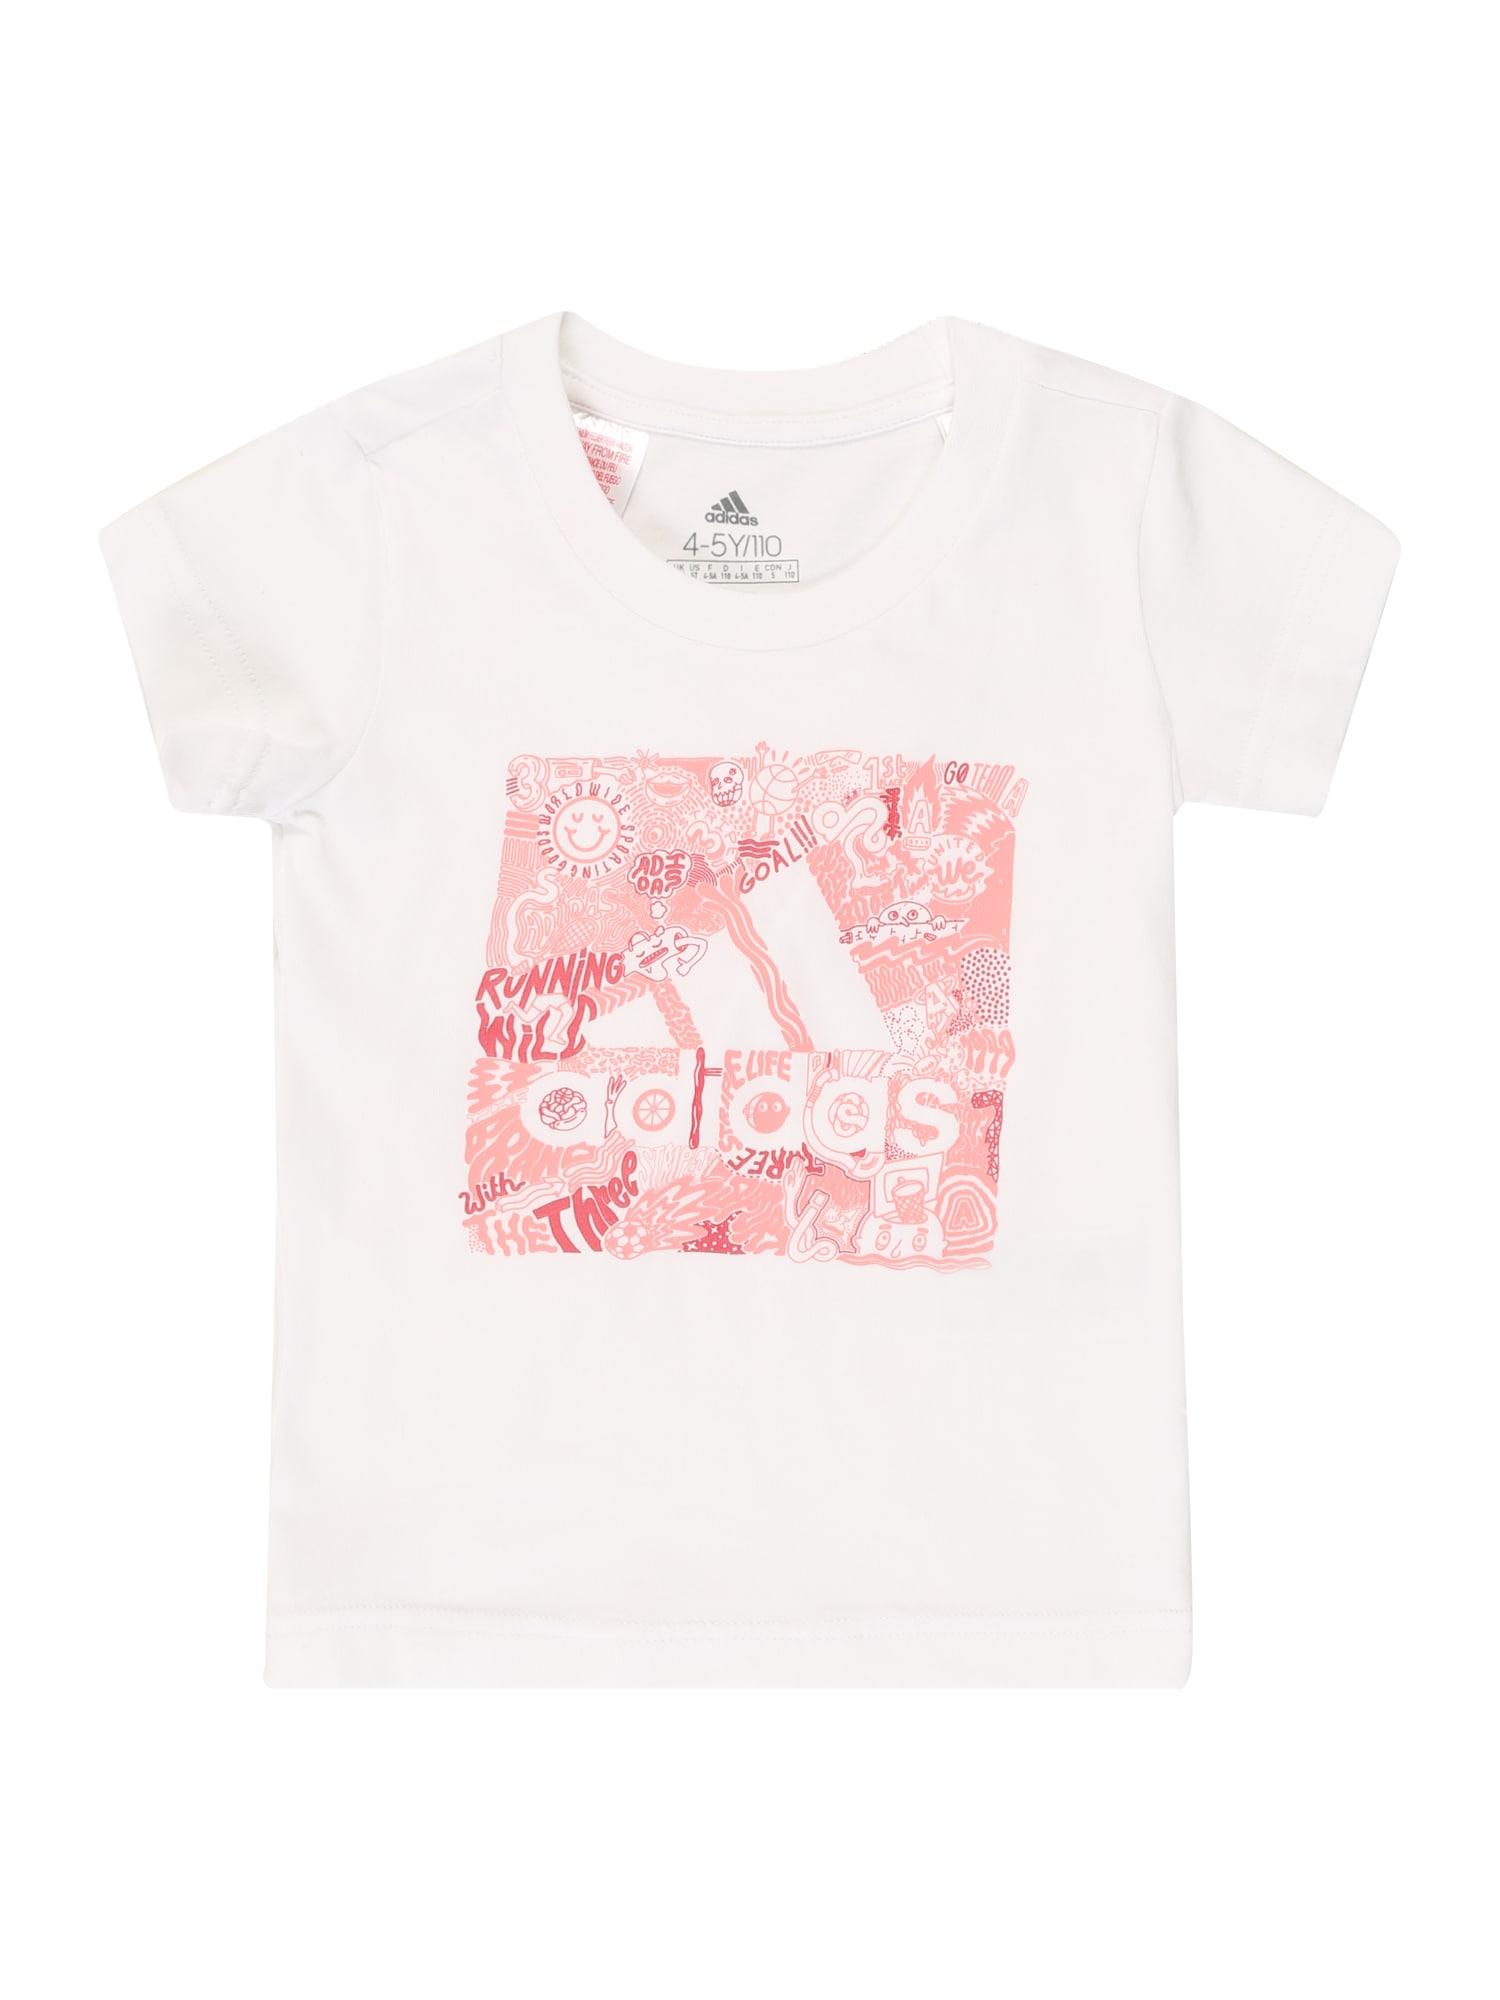 ADIDAS PERFORMANCE Sportiniai marškinėliai pastelinė raudona / balta / rožių spalva